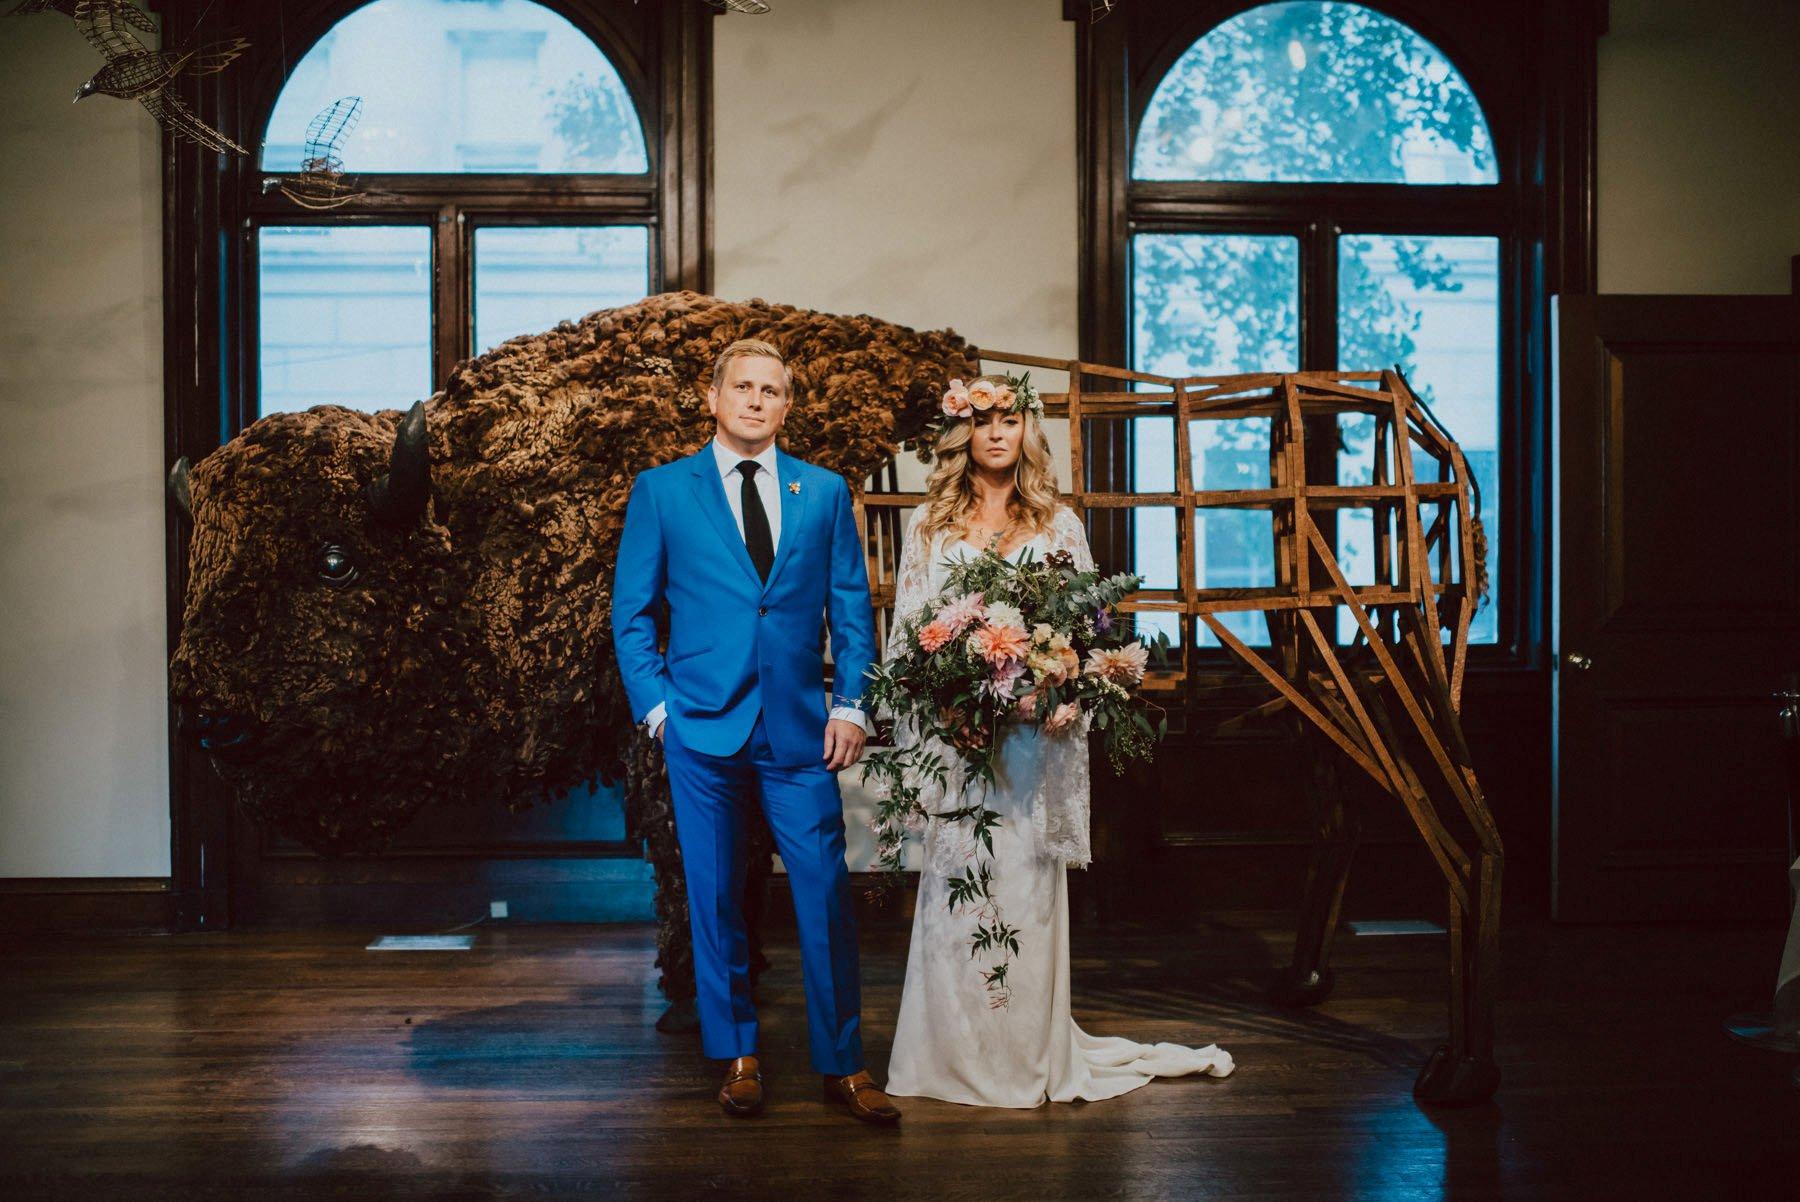 la-cheri-philadelphia-wedding-16.jpg